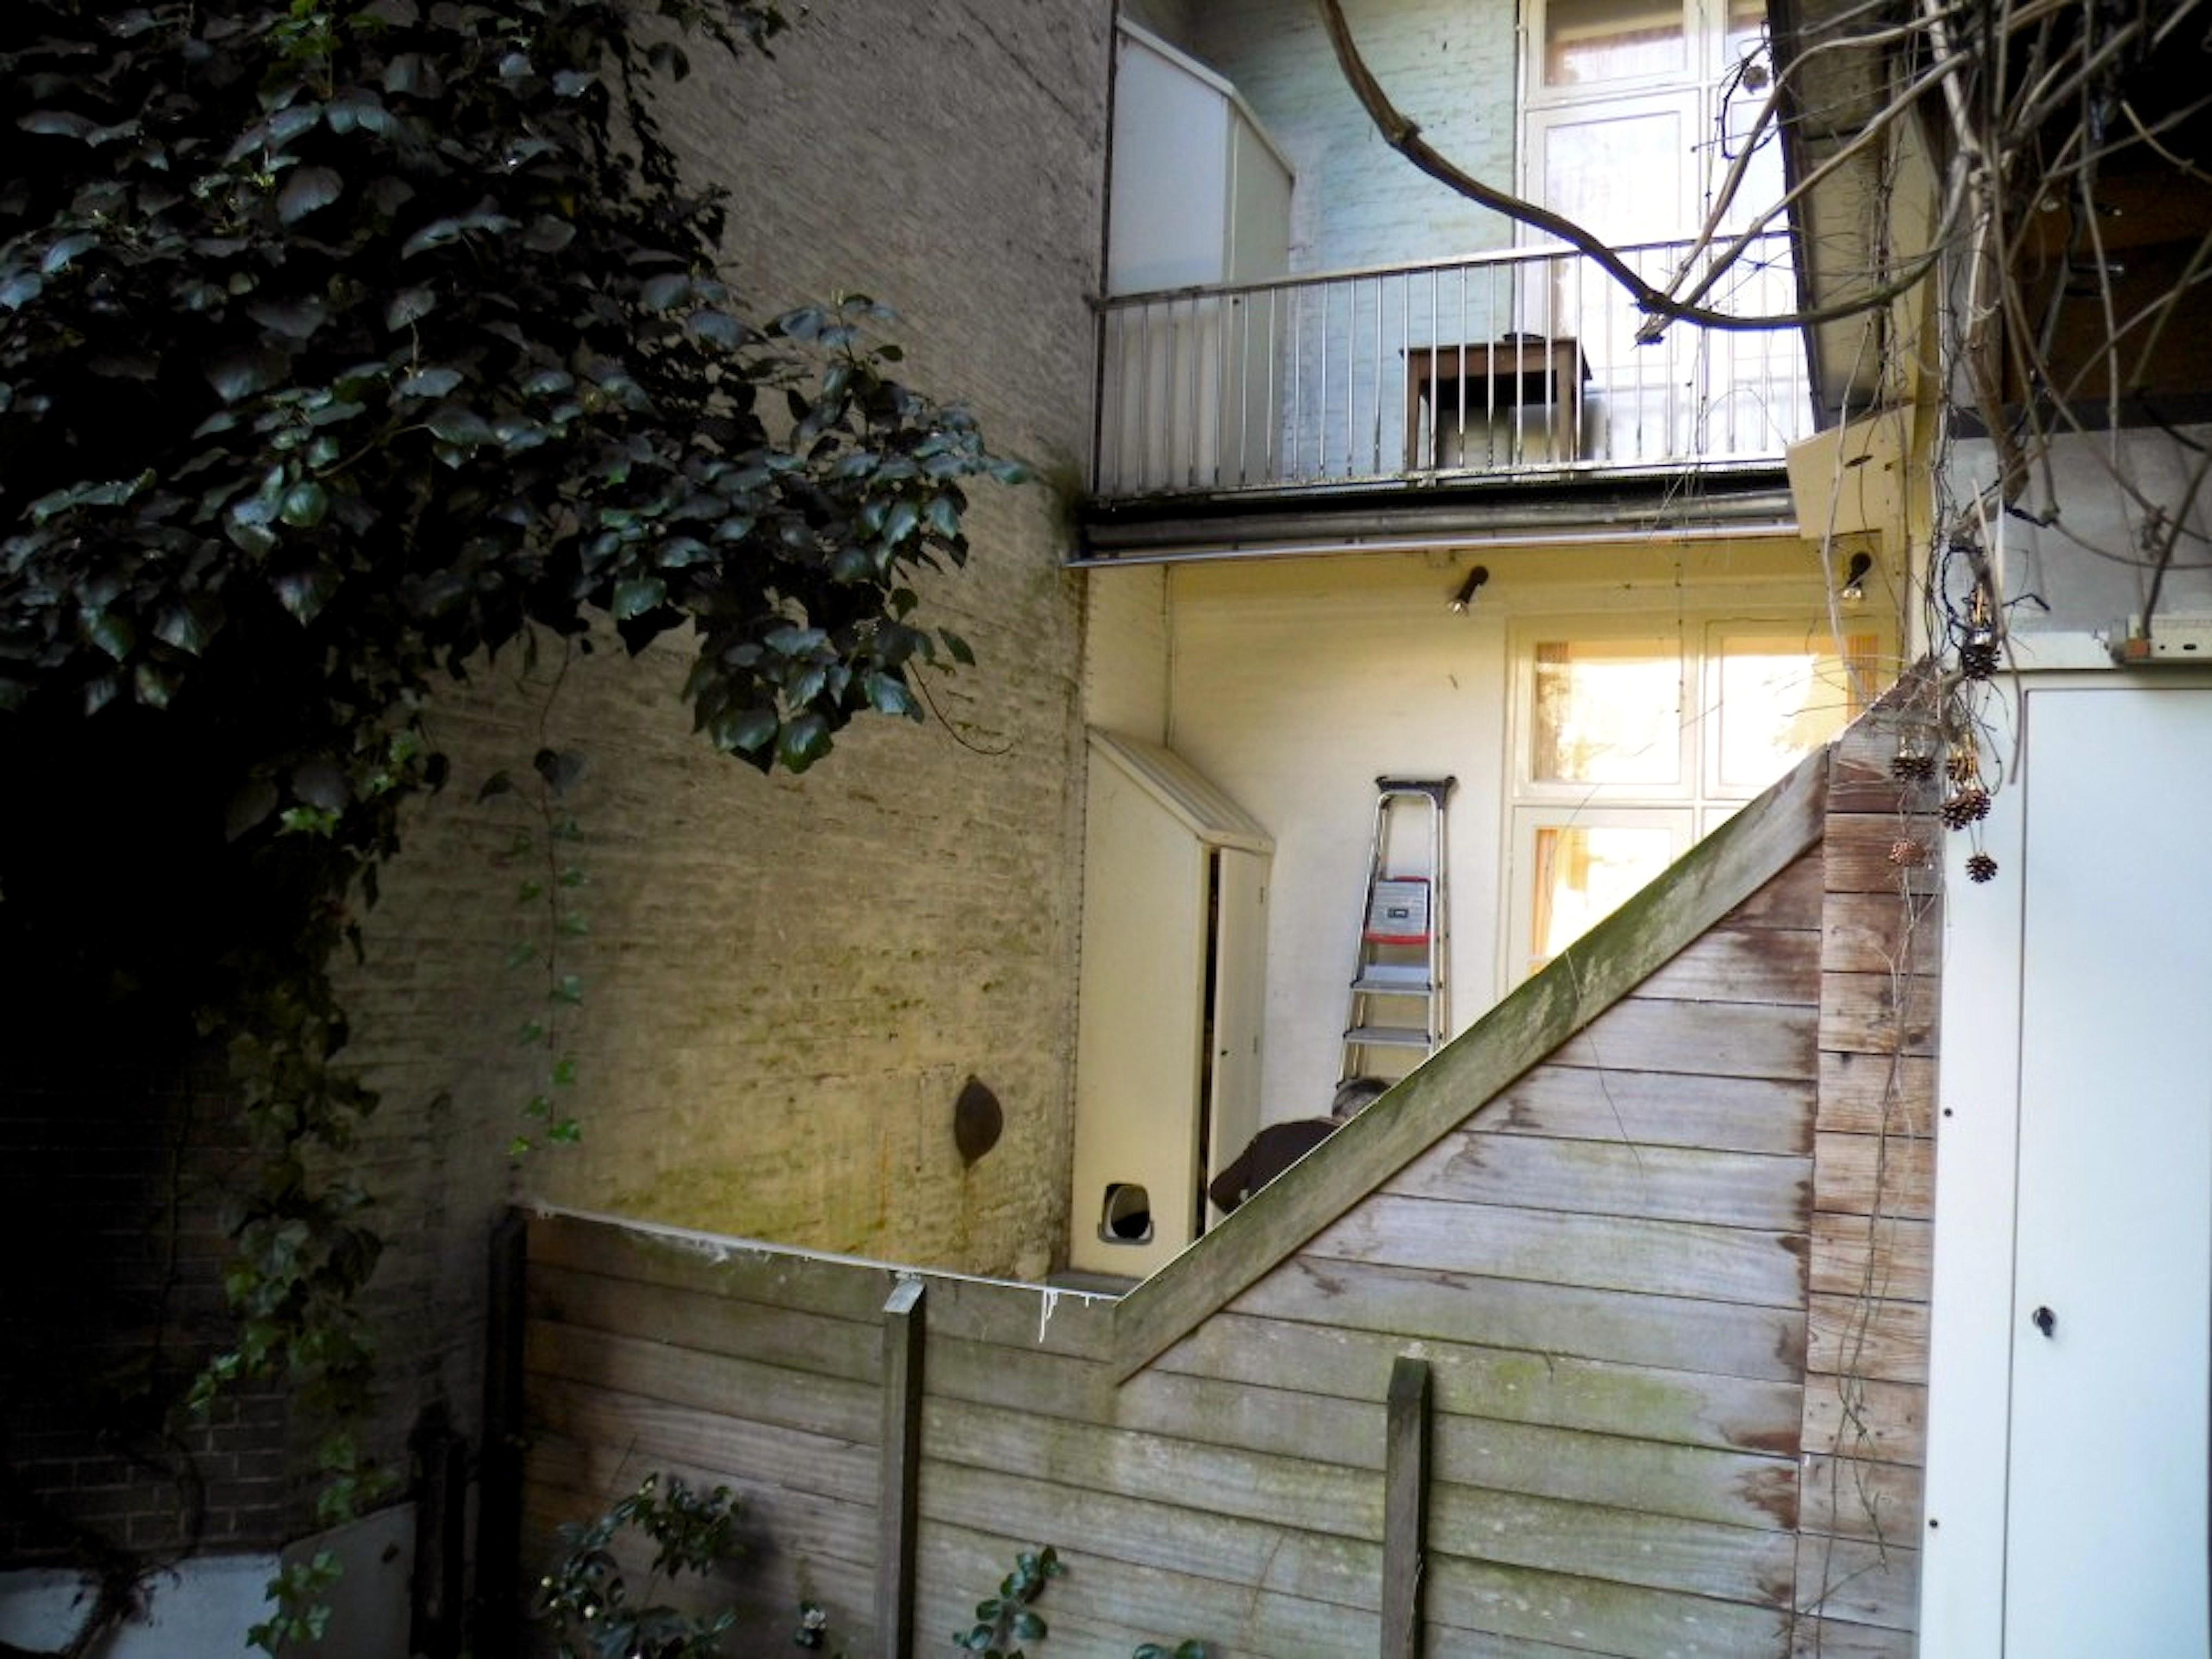 Ladders bij de buurman (foto Maud Oortwijn)